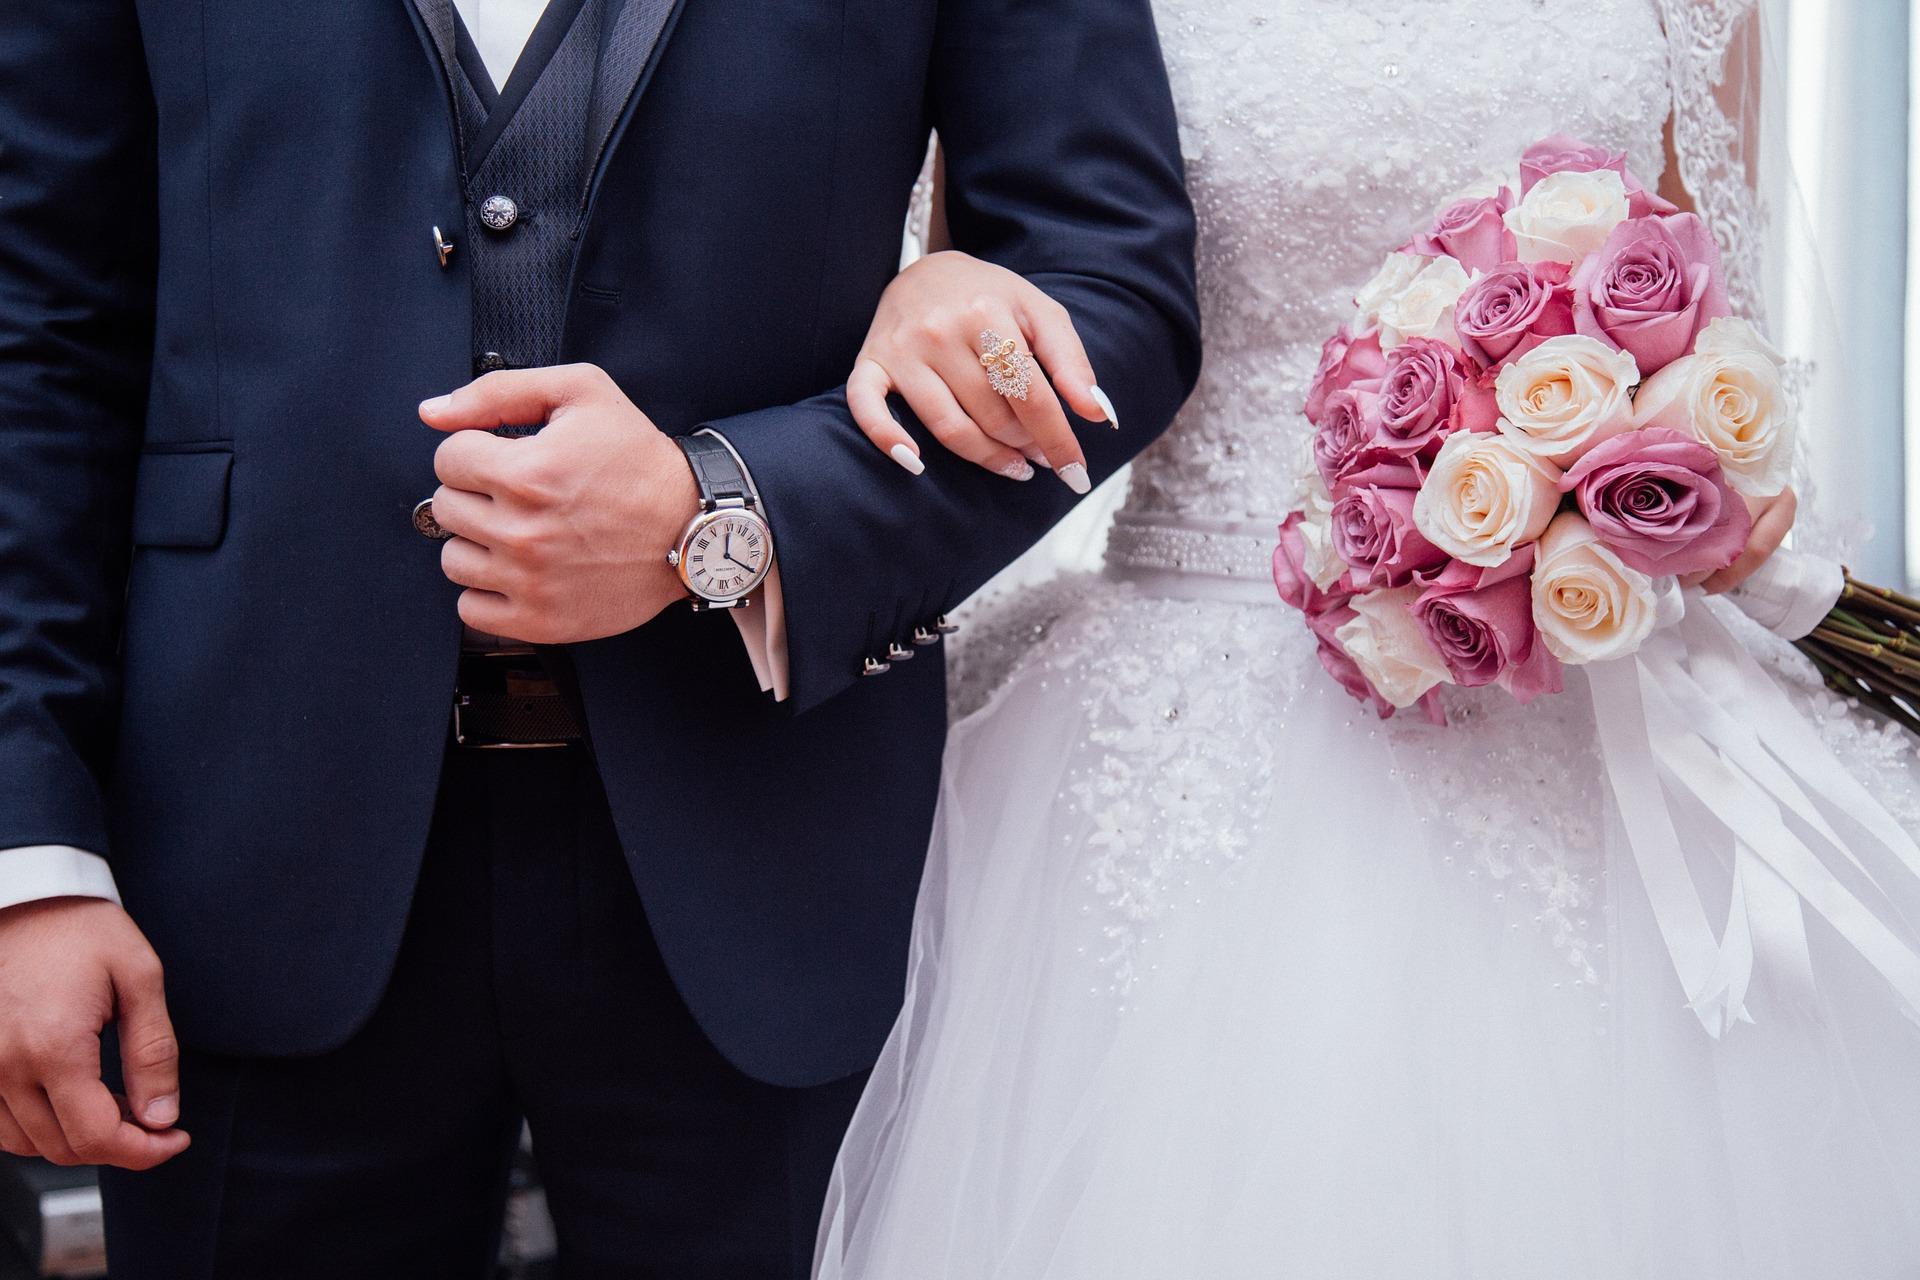 ما الذي يجب معرفته عن الرجل قبل الزواج